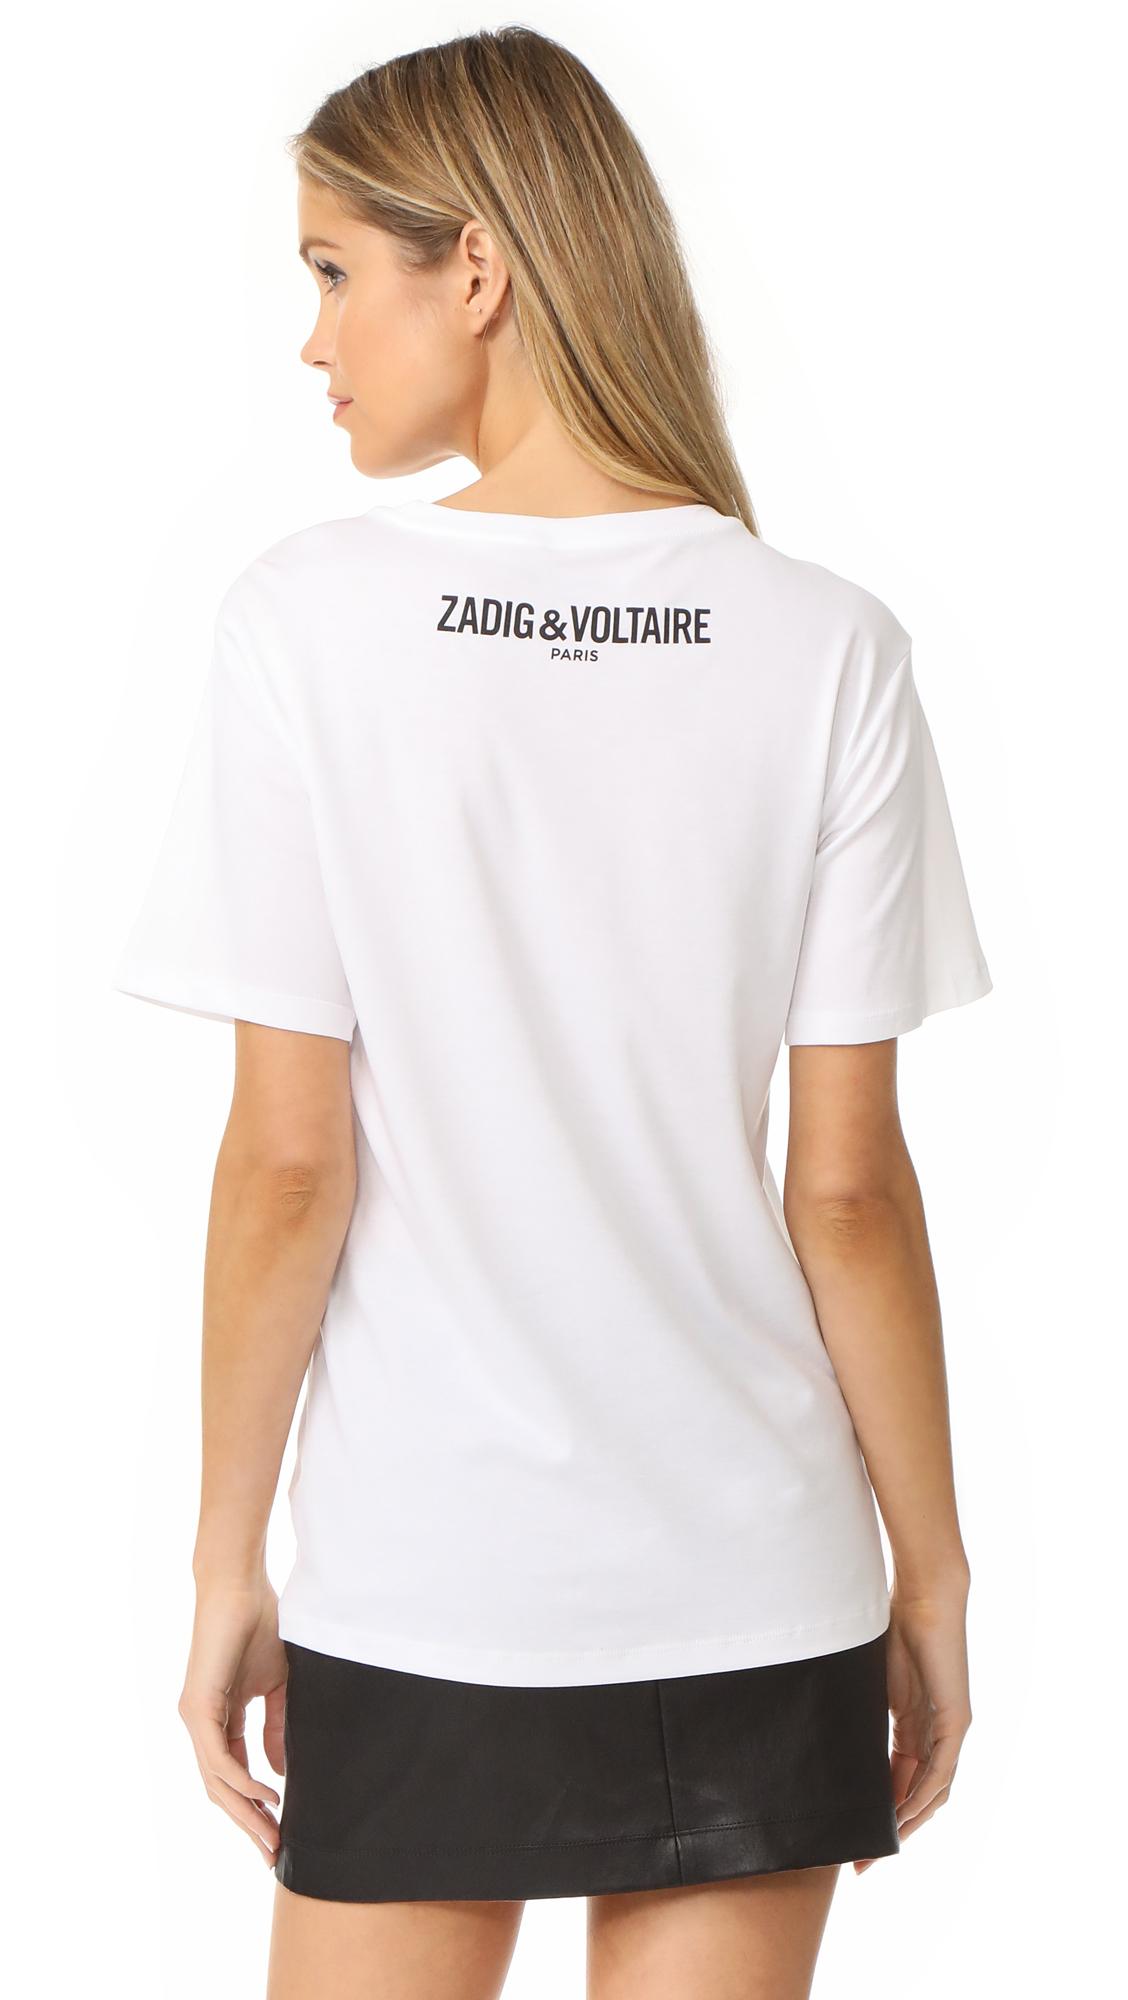 Wiki Livraison Gratuite Expédition Monde Entier T-shirt Tiny Girls Blanc Zadig & VoltaireZadig & Voltaire De La France Pas Cher En Ligne En Ligne À Faible Coût Z5BdGs